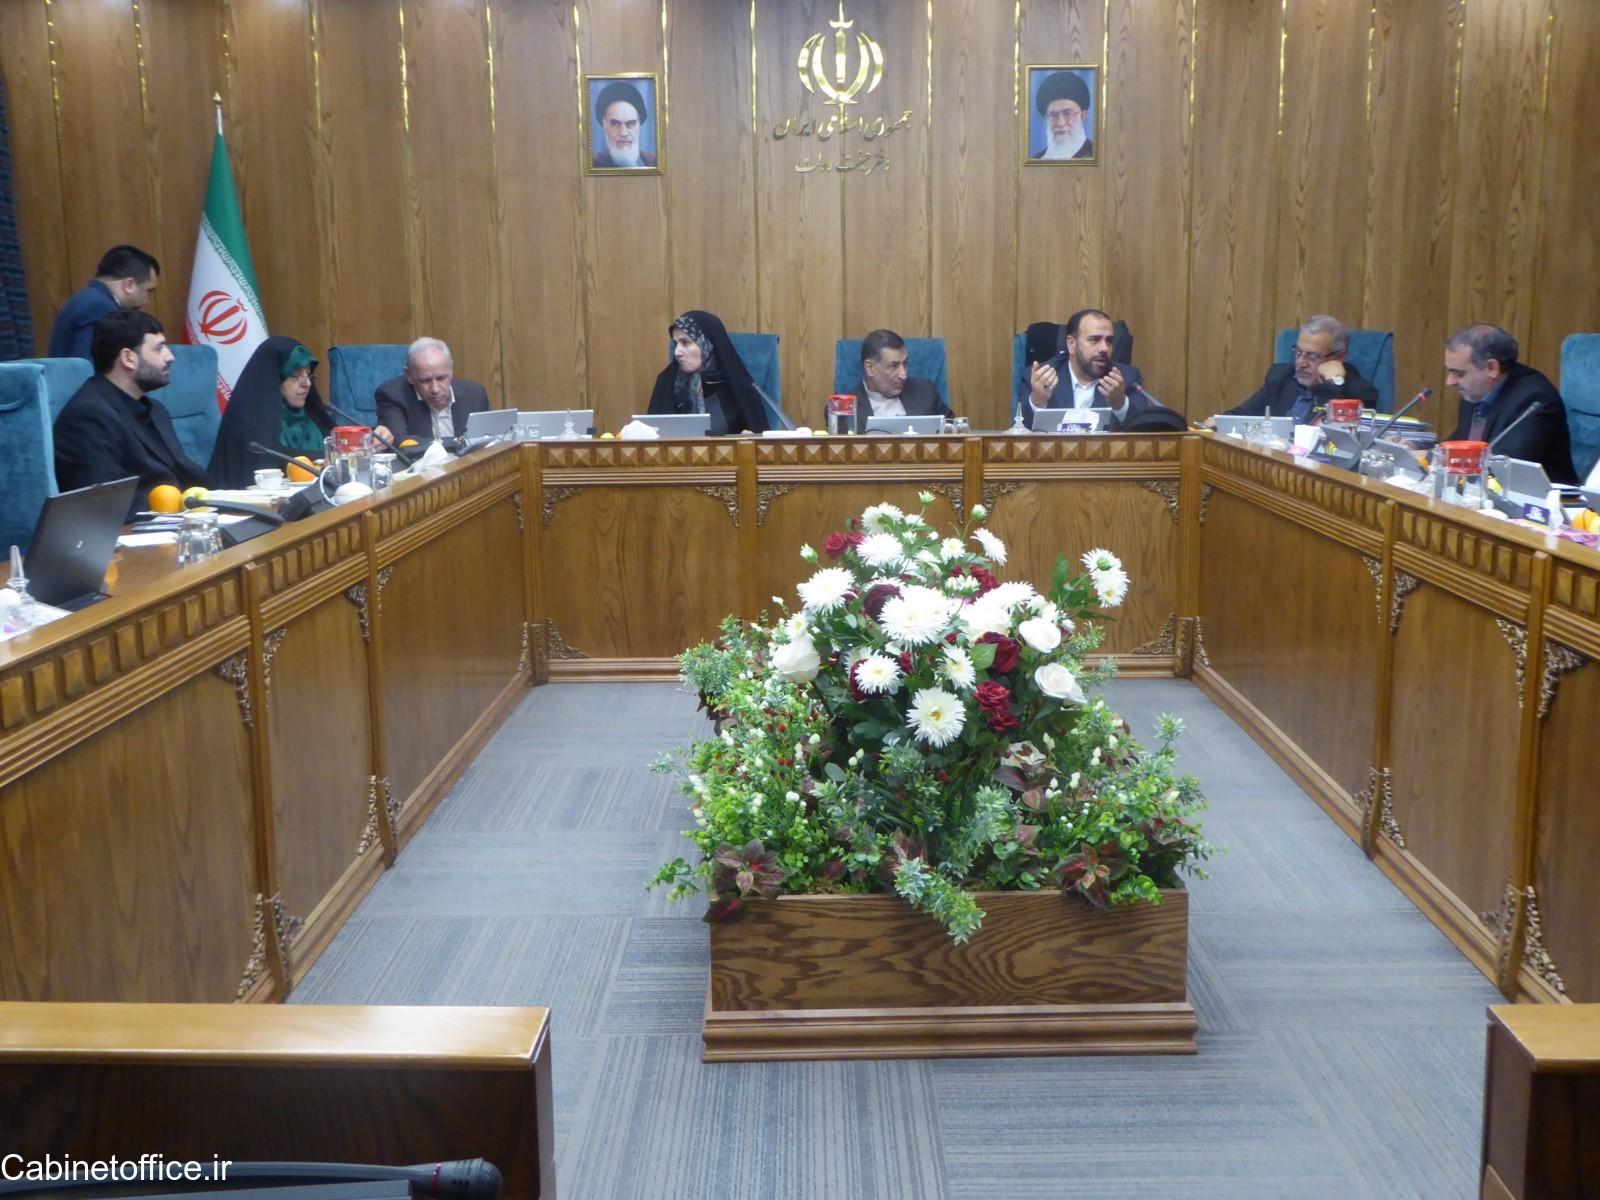 تشکیل جلسه اصلی کمیسیون لوایح در تاریخ 28 بهمن ماه 1396